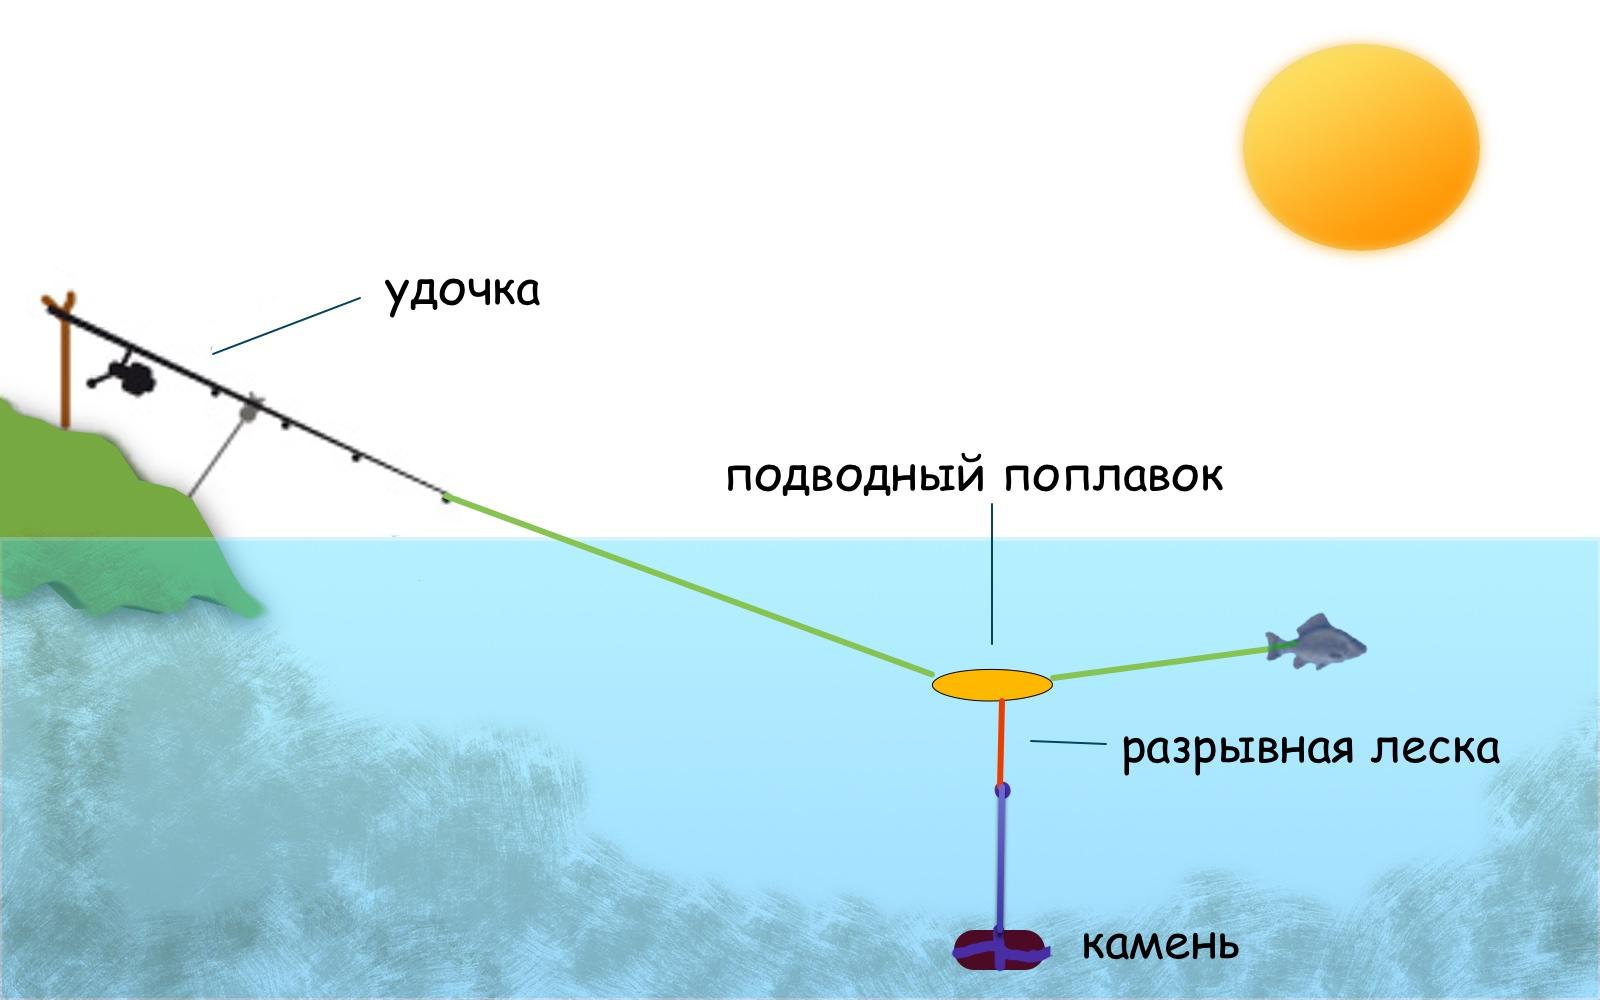 Снасть на сома с подводным поплавком